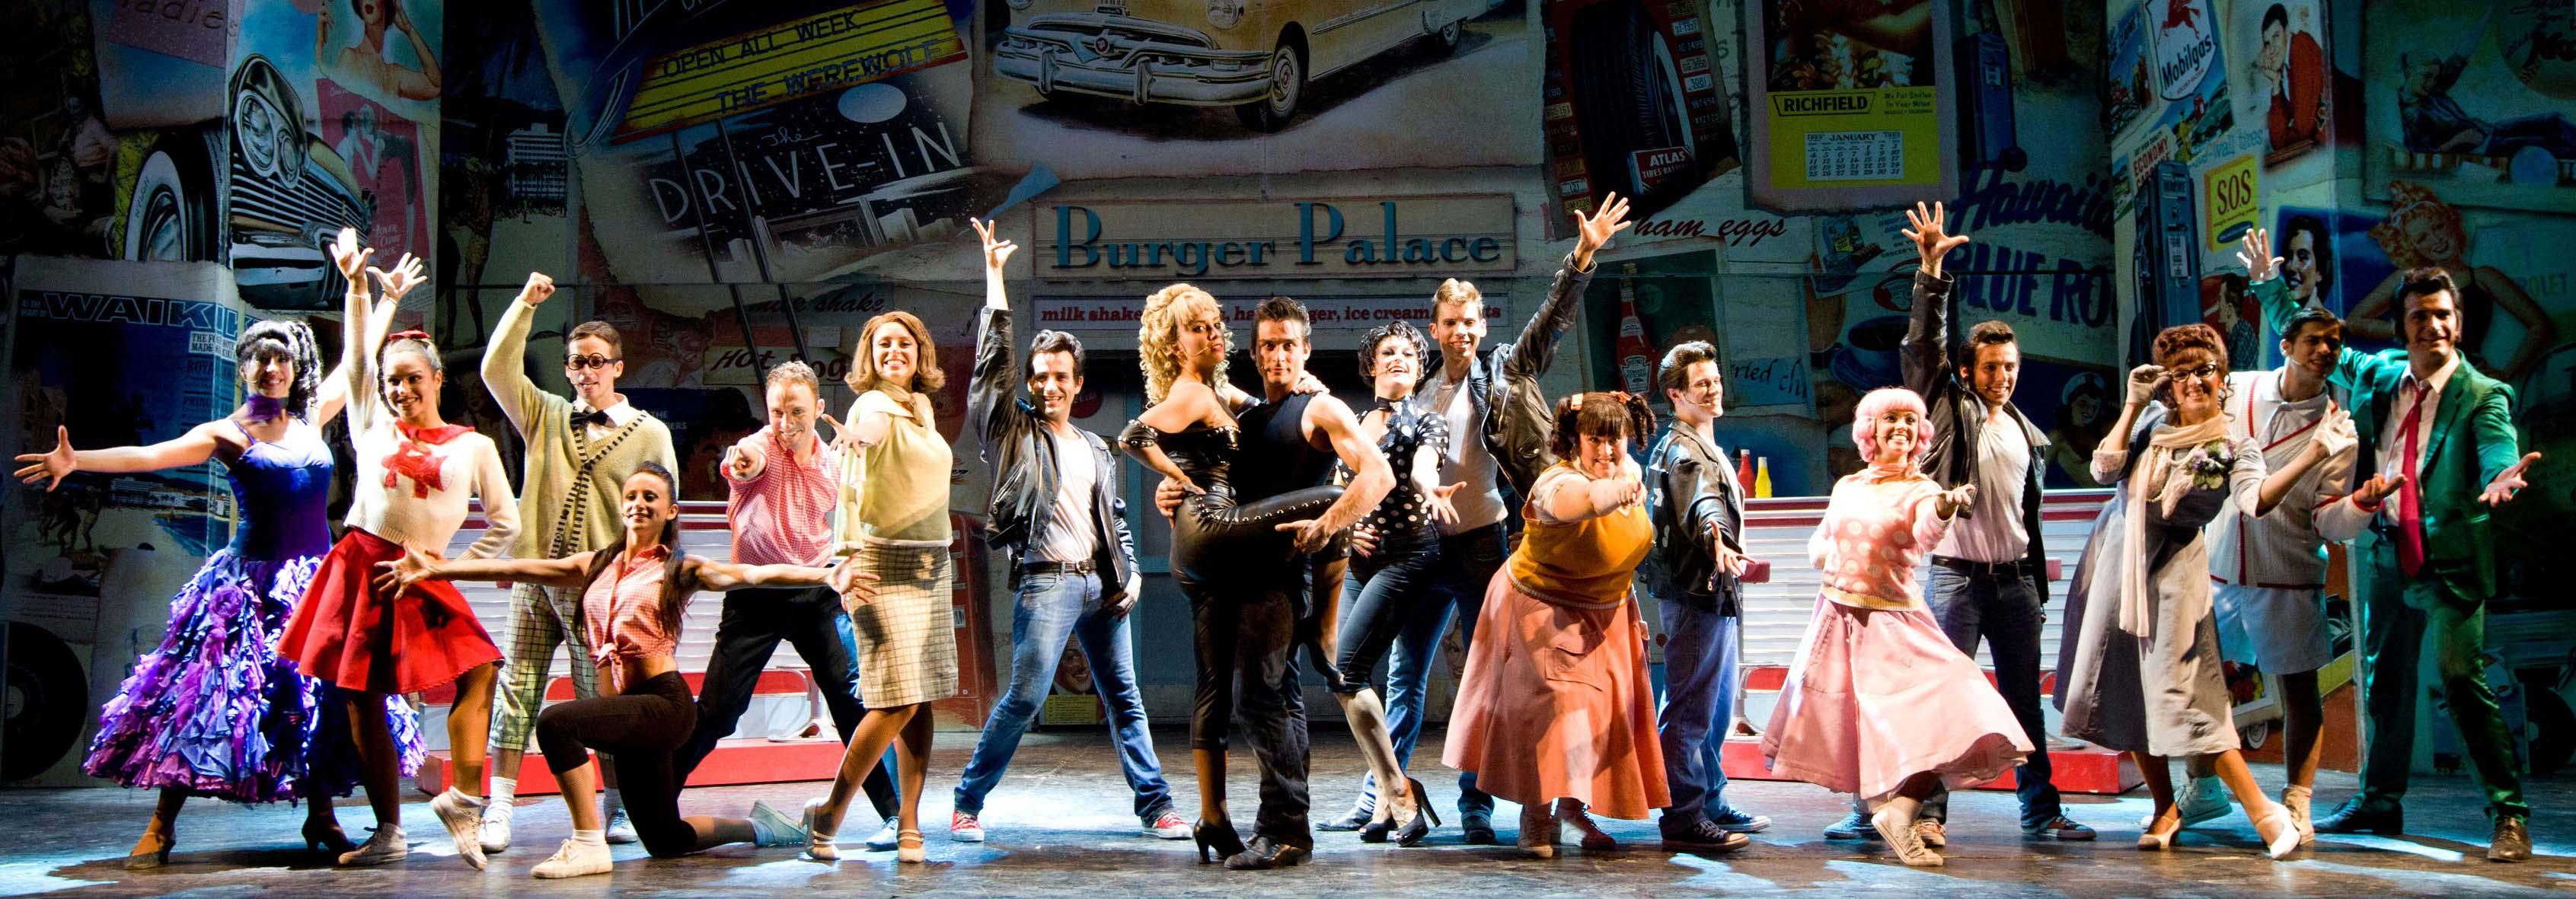 Grease2012_LauraPanzeri-RiccardoSimoneBerdini_fotoCosèManuelRossi